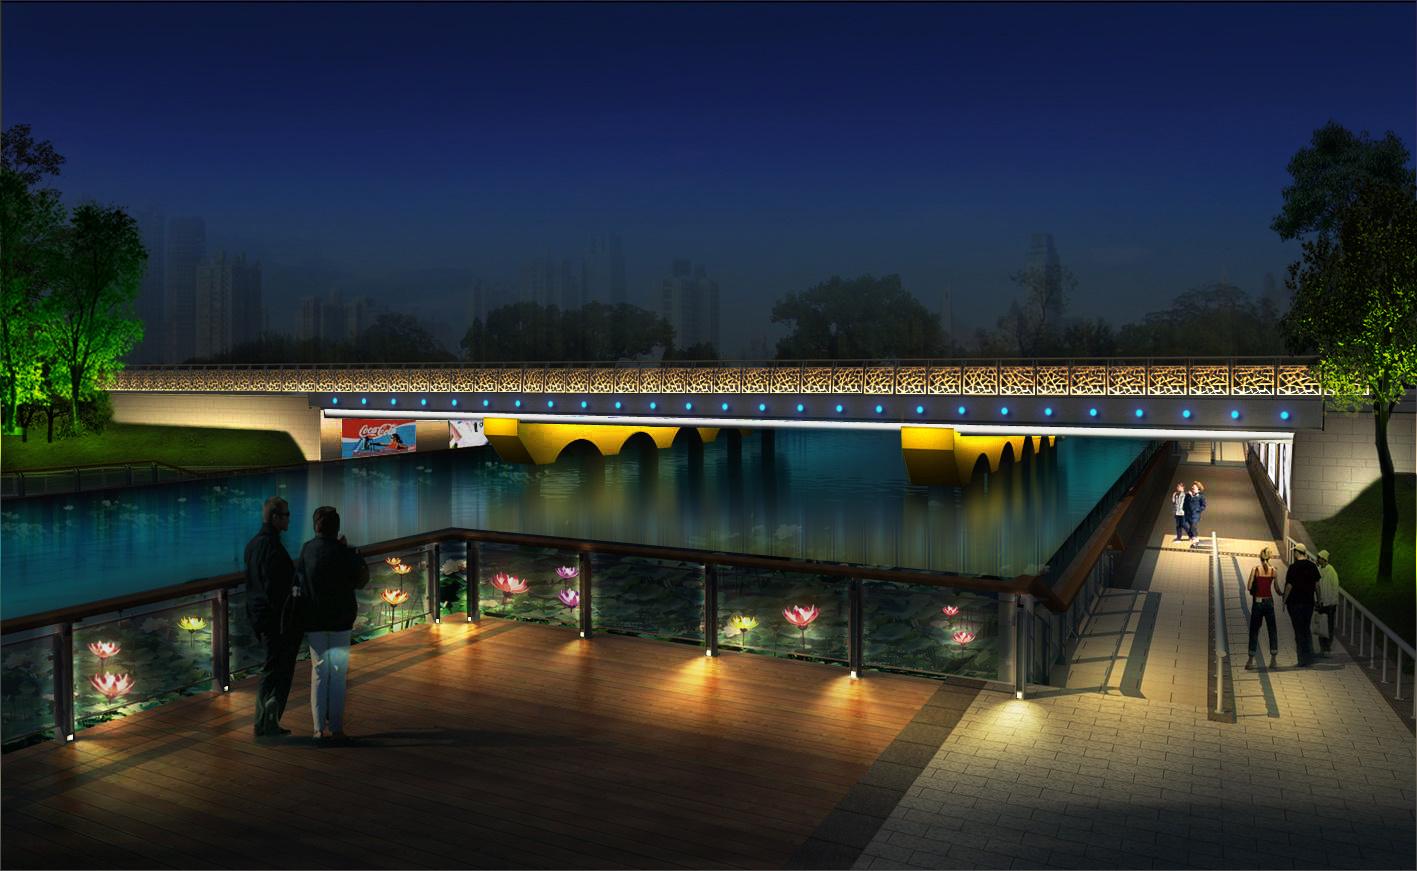 桥梁景观灯光照明设计图片